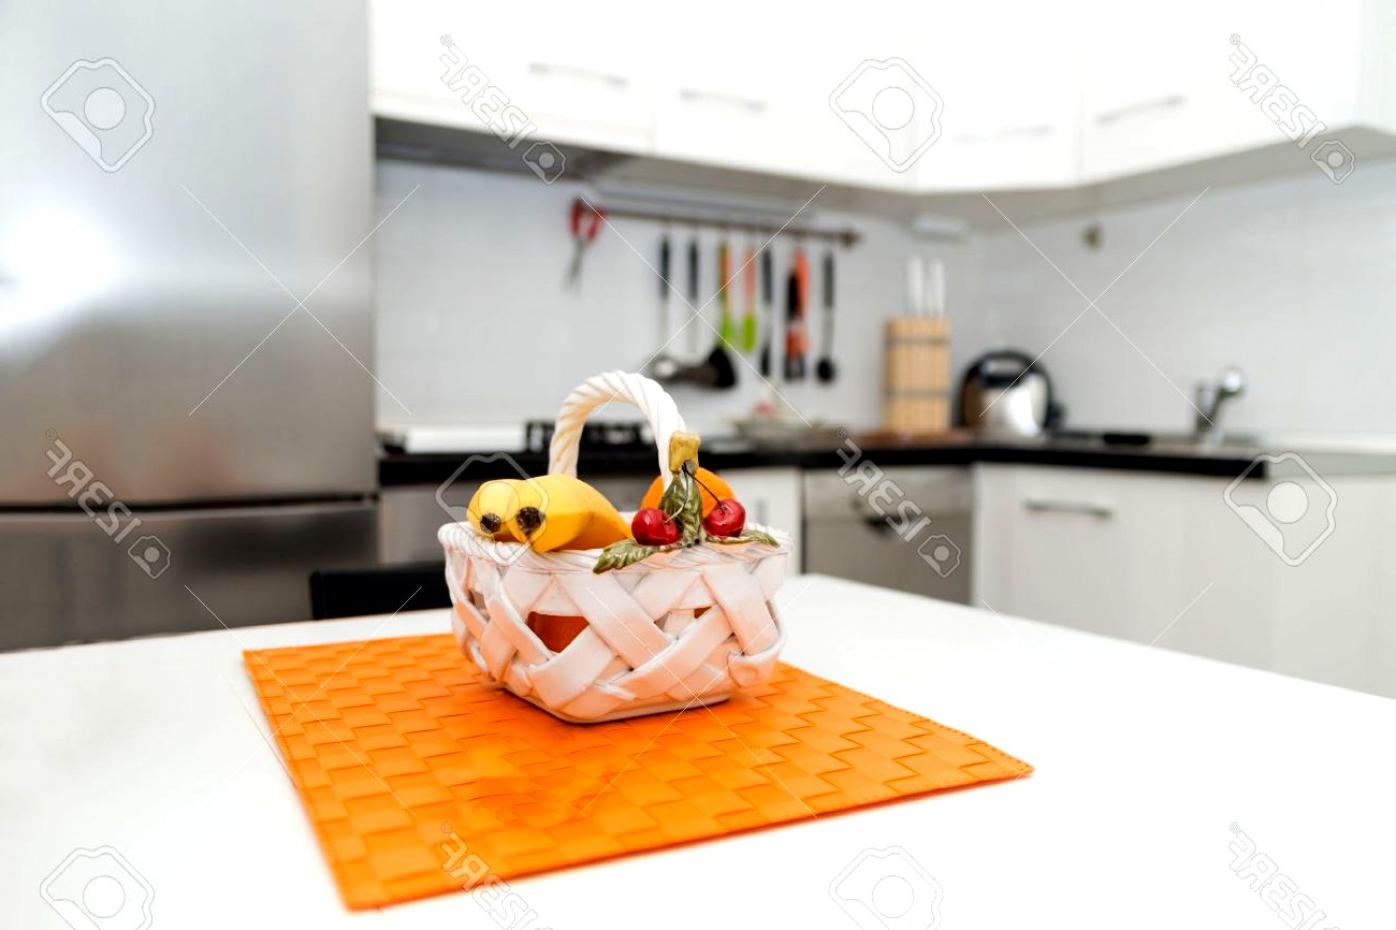 Mesa Cocina Pequeña Y7du Inspiraci N Mesa De Cocina Fresca Venta Mesas Y Sillas Fresco Pack O